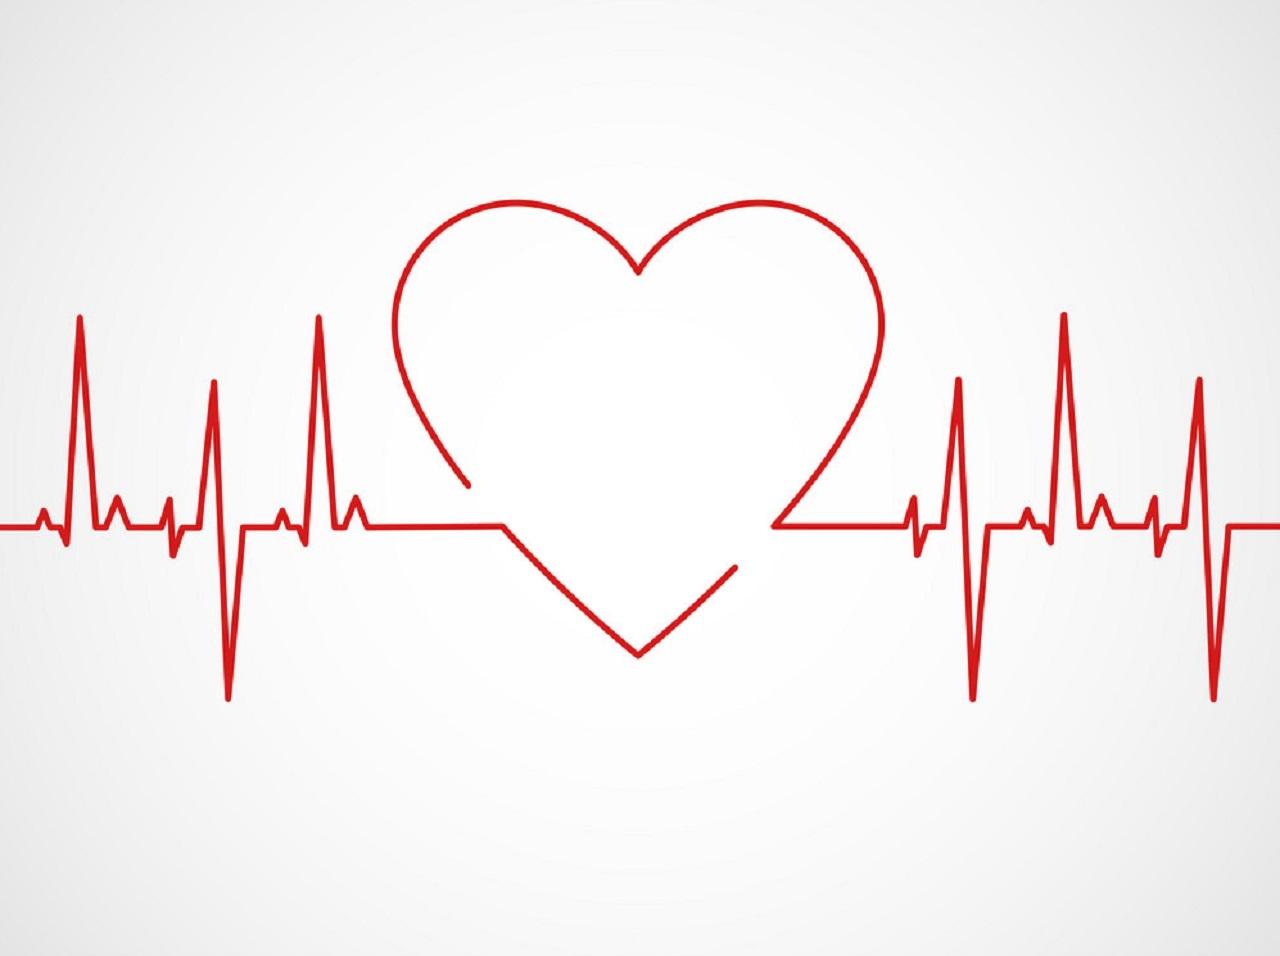 نوار قلب چیست؟ | هر آنچه باید بدانید